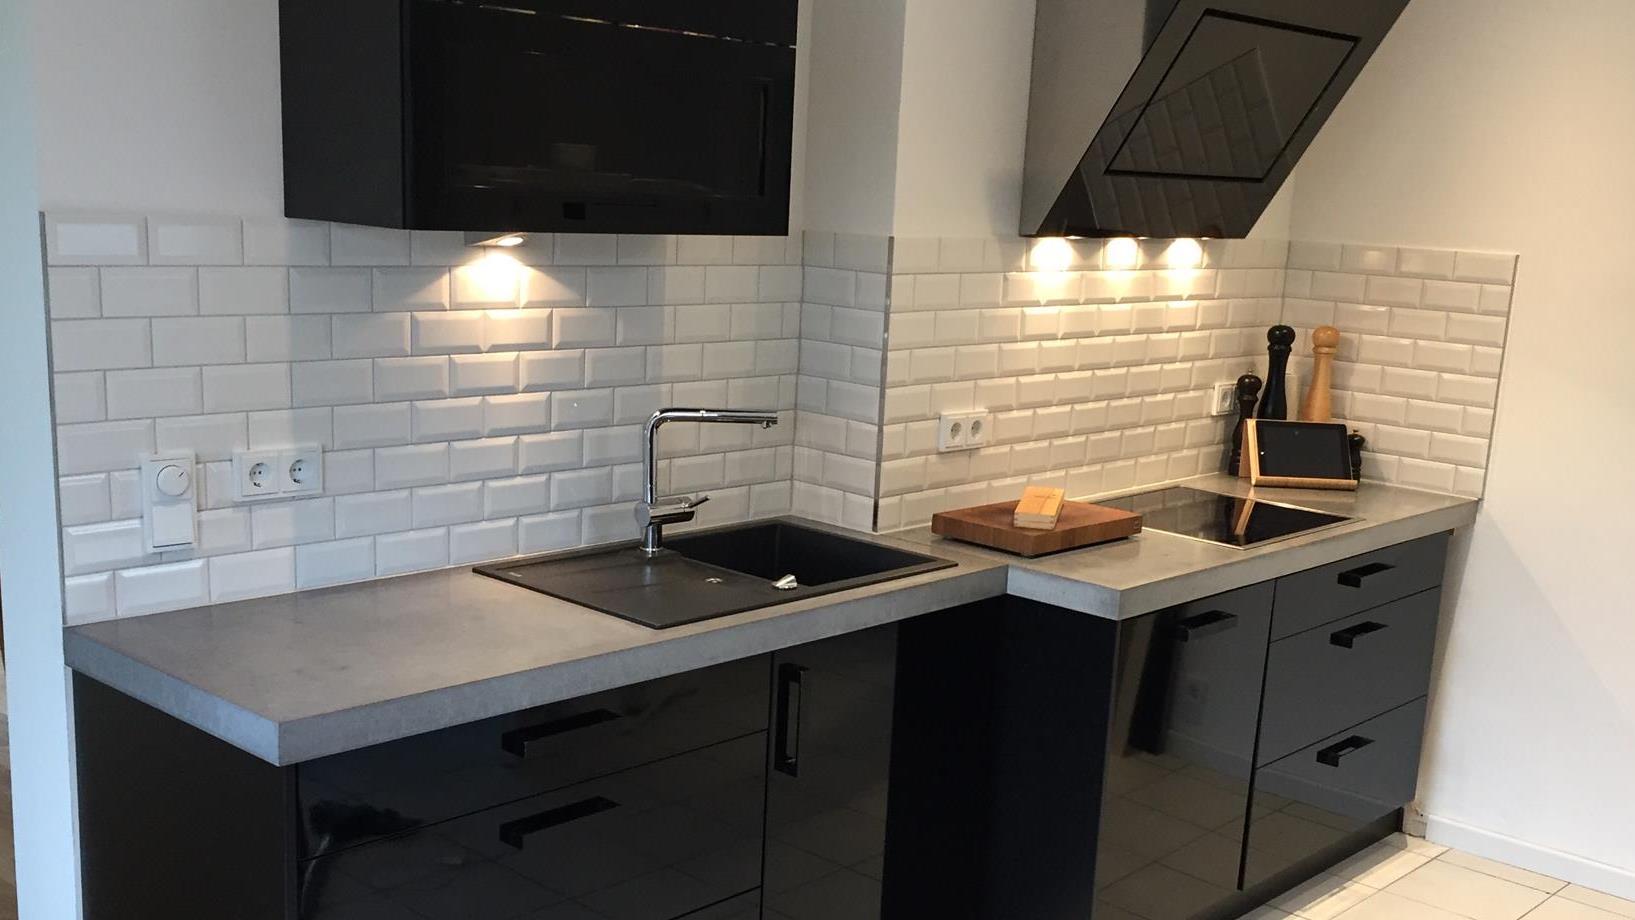 Full Size of Gebrauchte Arbeitsplatten Küche Arbeitsplatten Küche Günstig Quarz Arbeitsplatten Küche Preise Dekor Arbeitsplatten Küche Küche Arbeitsplatten Küche